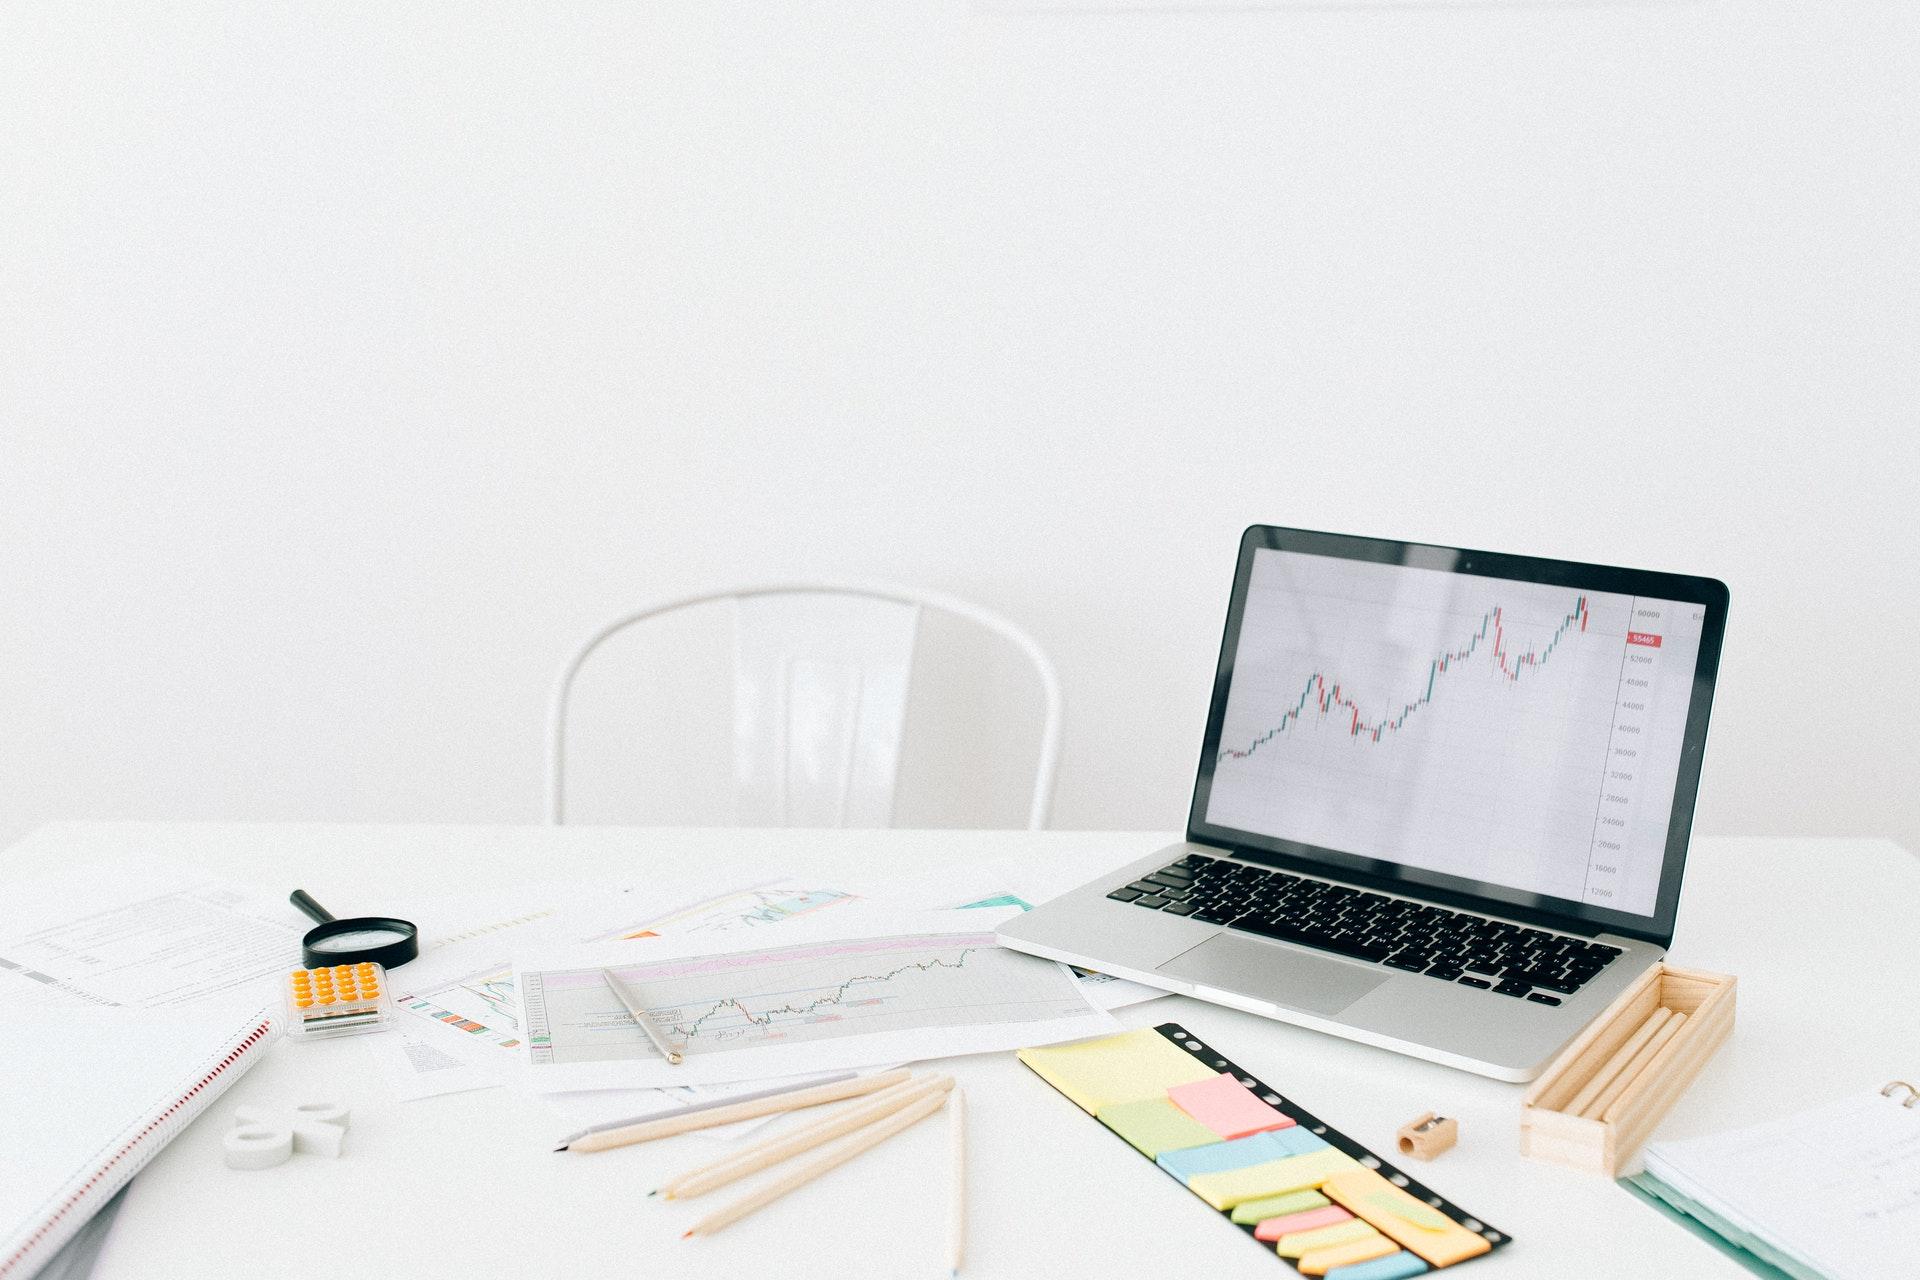 Imagem de uma mesa com um computador e vários papeis com gráficos. Imagem ilustrativa texto negócios mais promissores.